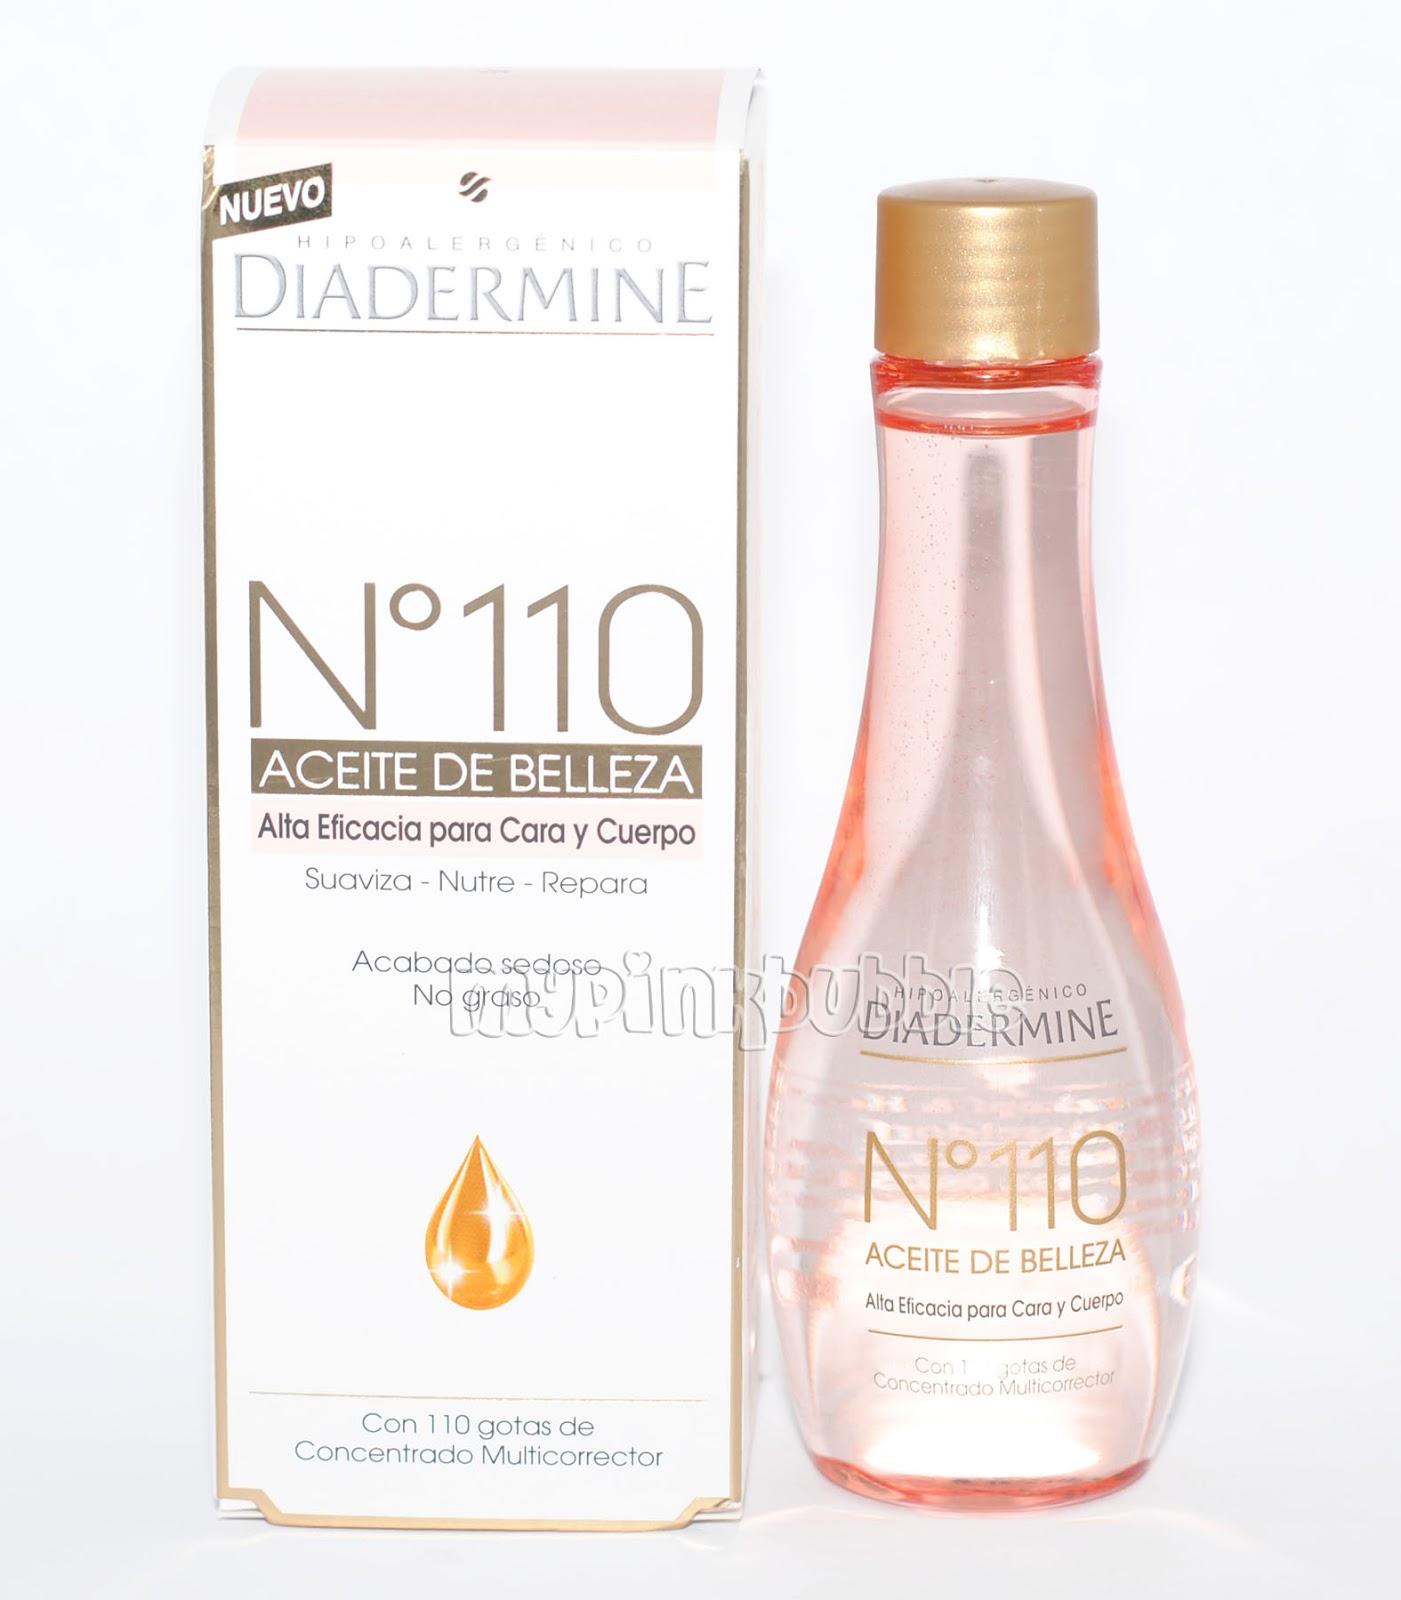 diadermine 110 aceite de belleza